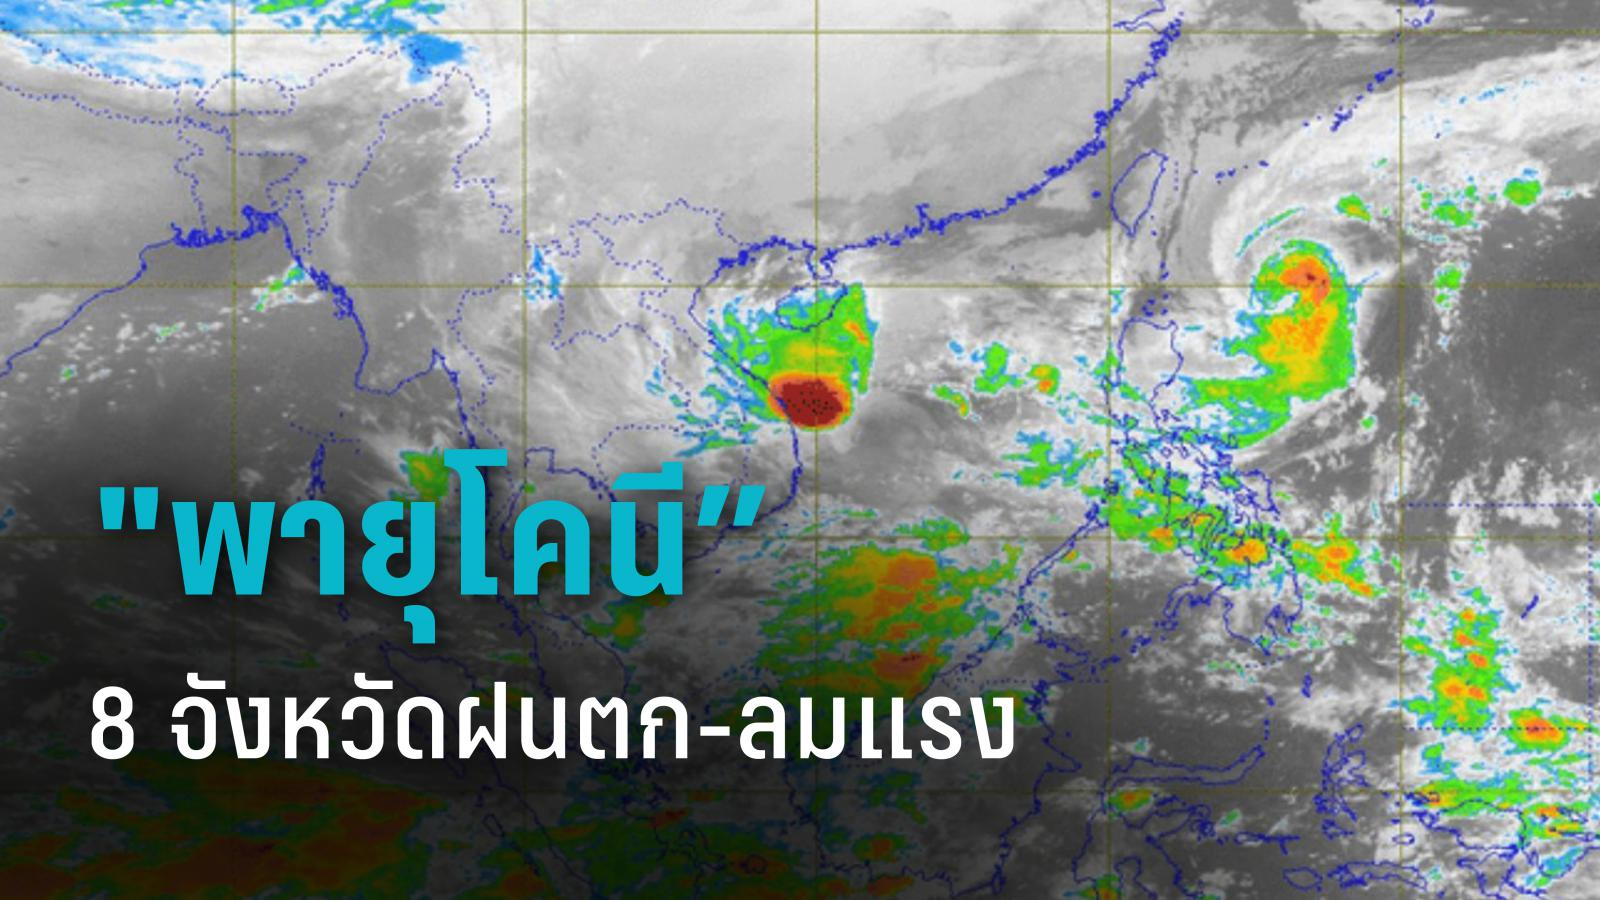 """อุตุฯ เตือน """"พายุโคนี"""" จ่อเข้าเวียดนามกระทบ 8 จังหวัดฝนตก-ลมแรง"""